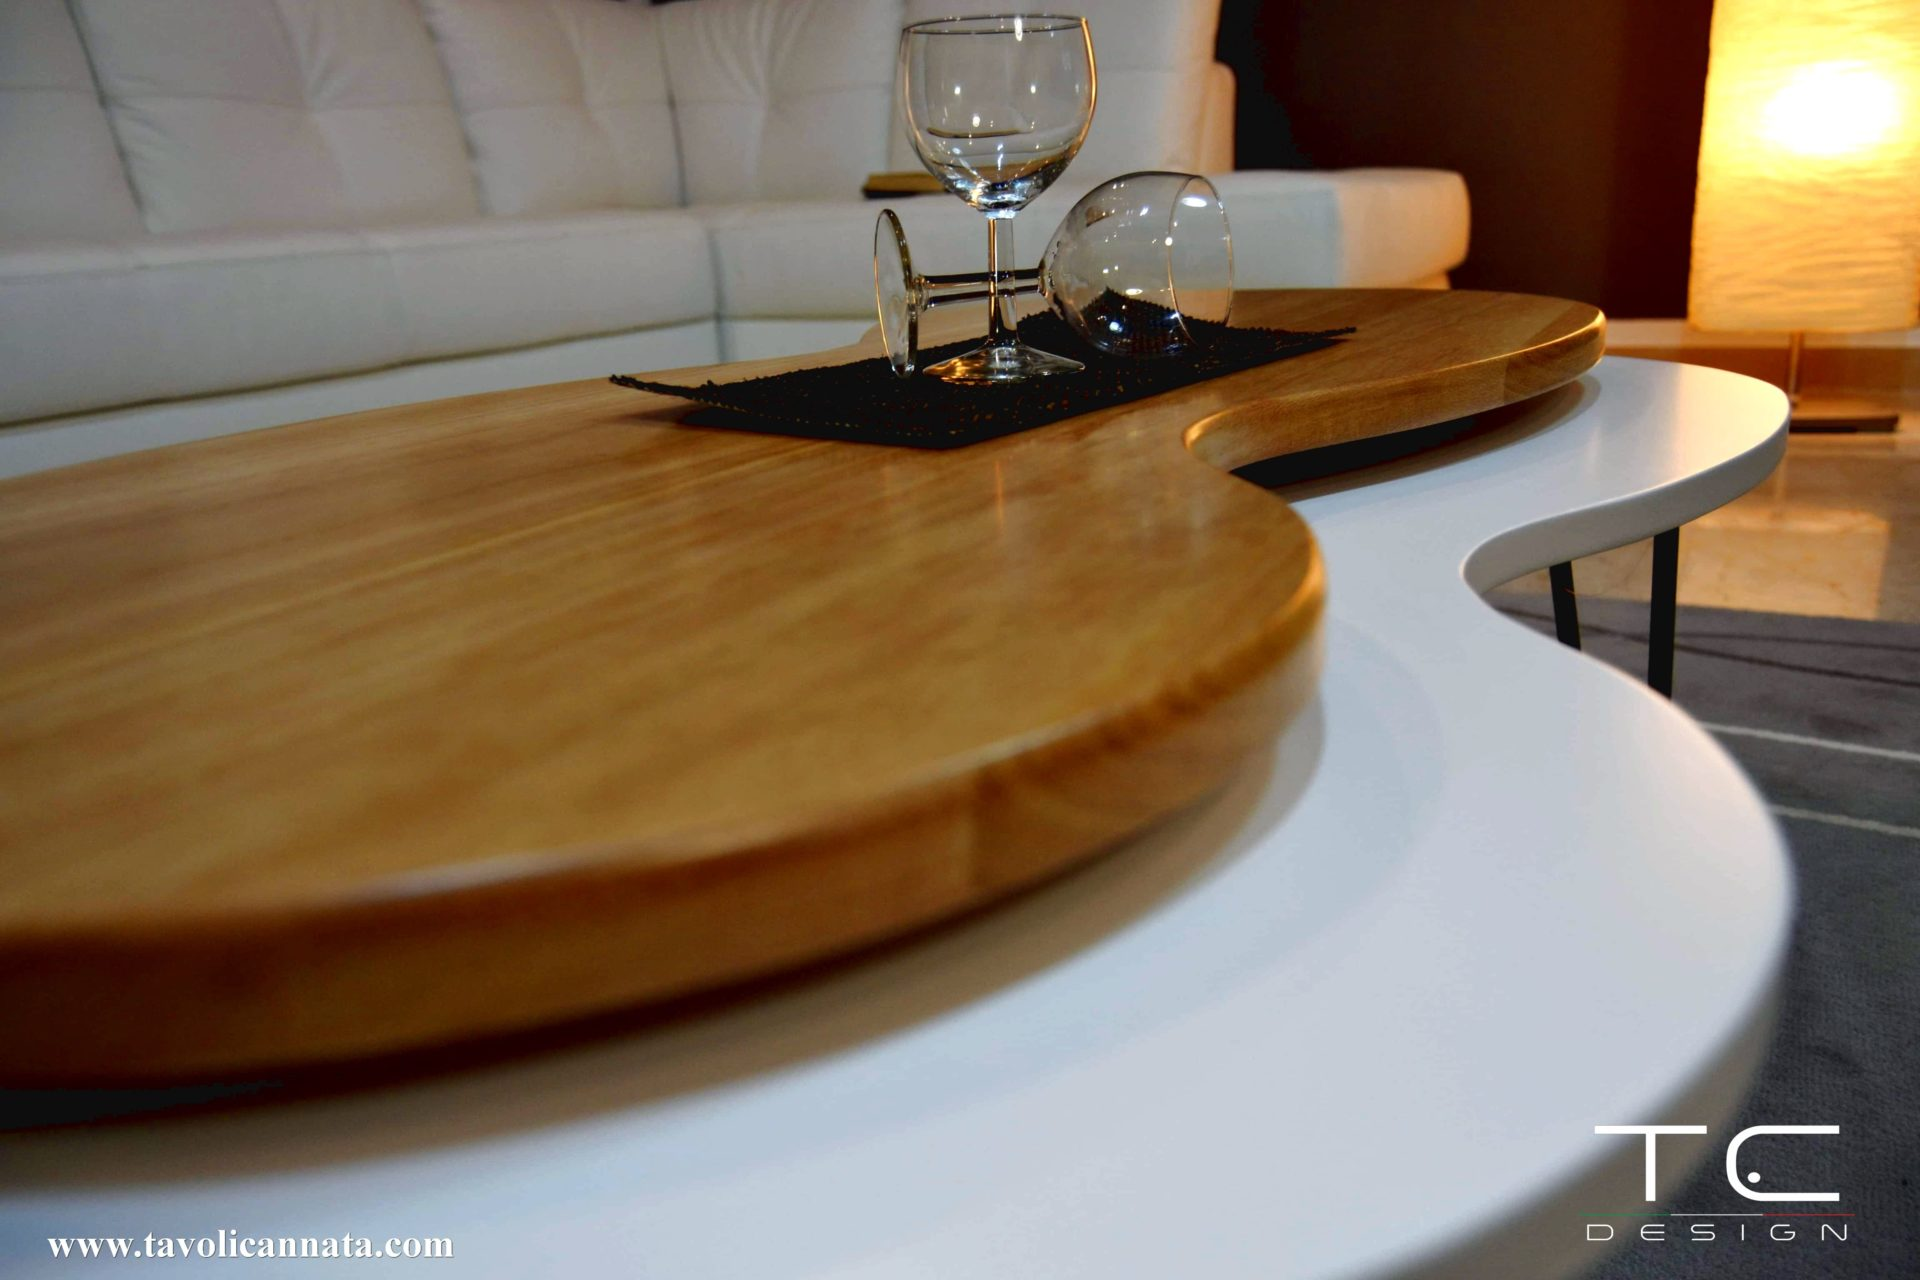 Tavolini moderni in legno per salotto - Tavolini Cannata